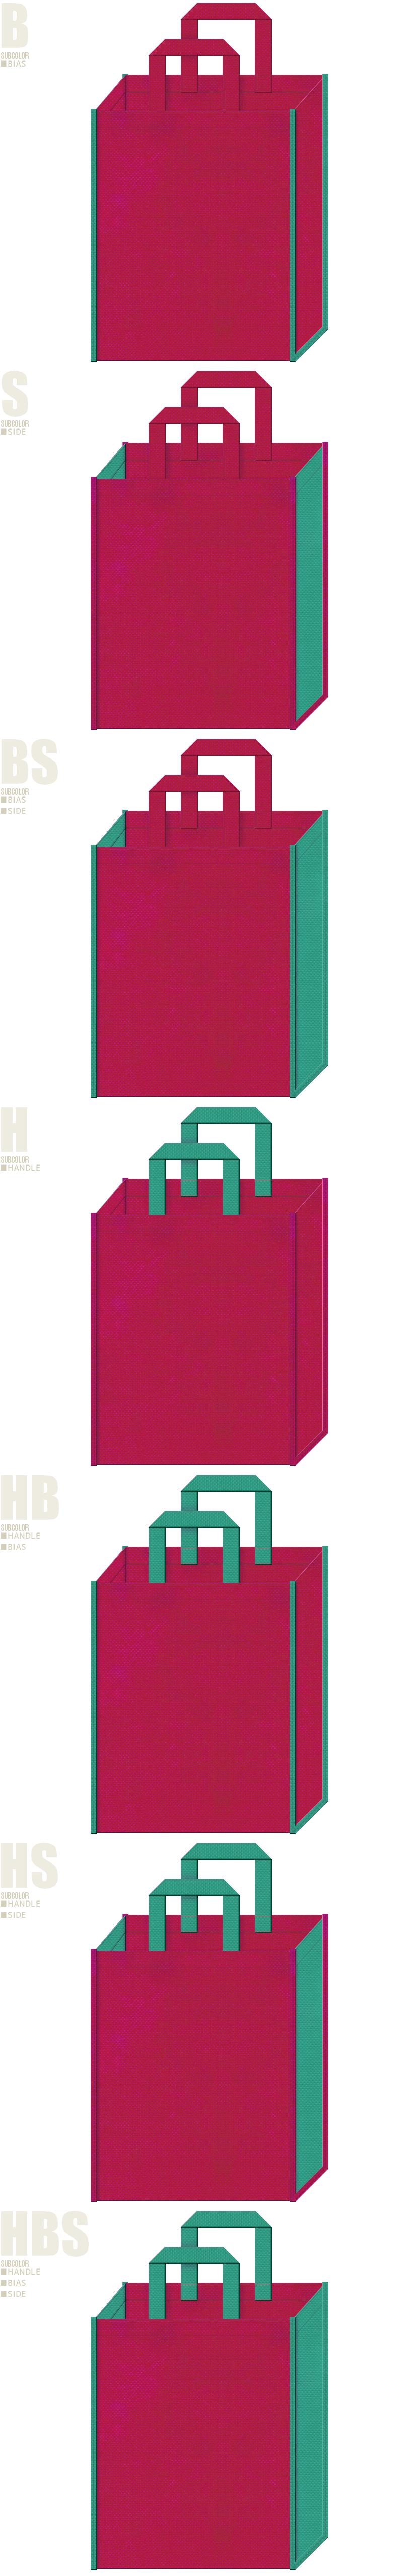 濃いピンク色と青緑色、7パターンの不織布トートバッグ配色デザイン例。